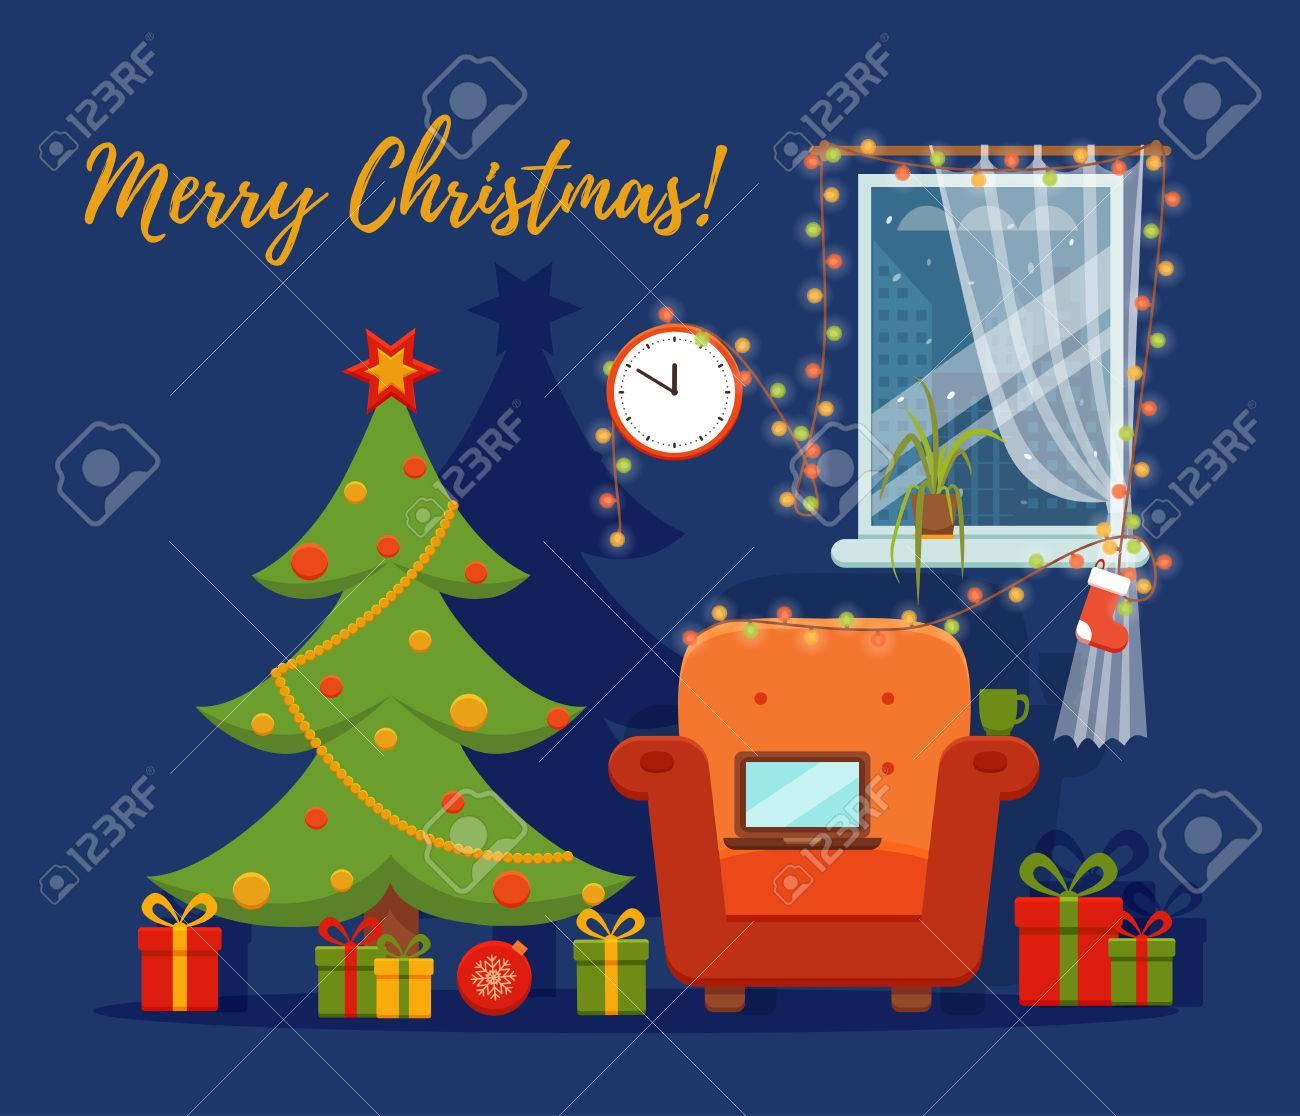 e24ed72c8b65d Sala De Interior De Navidad En El Estilo De Dibujos Animados De Colores  Planos. Árbol De Navidad